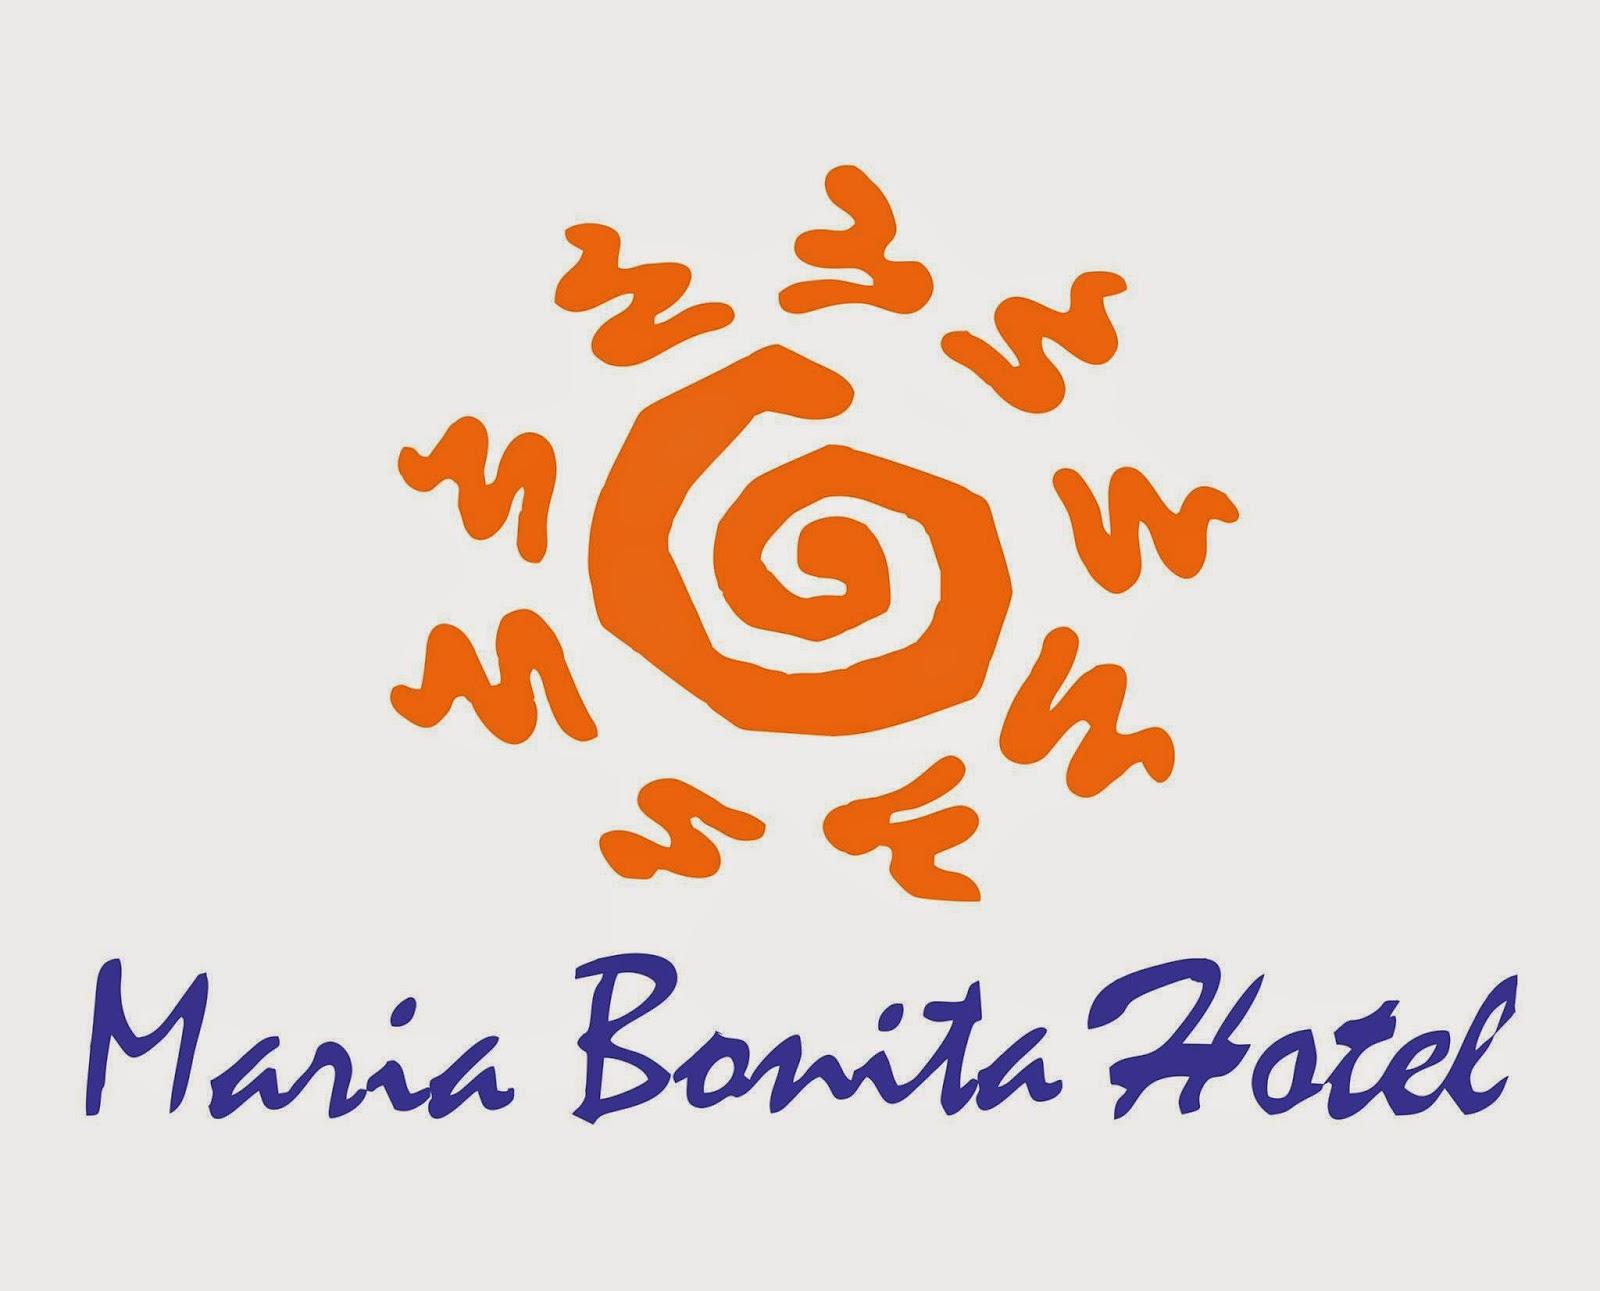 http://www.mariabonita-pb.com.br/index.php/en/